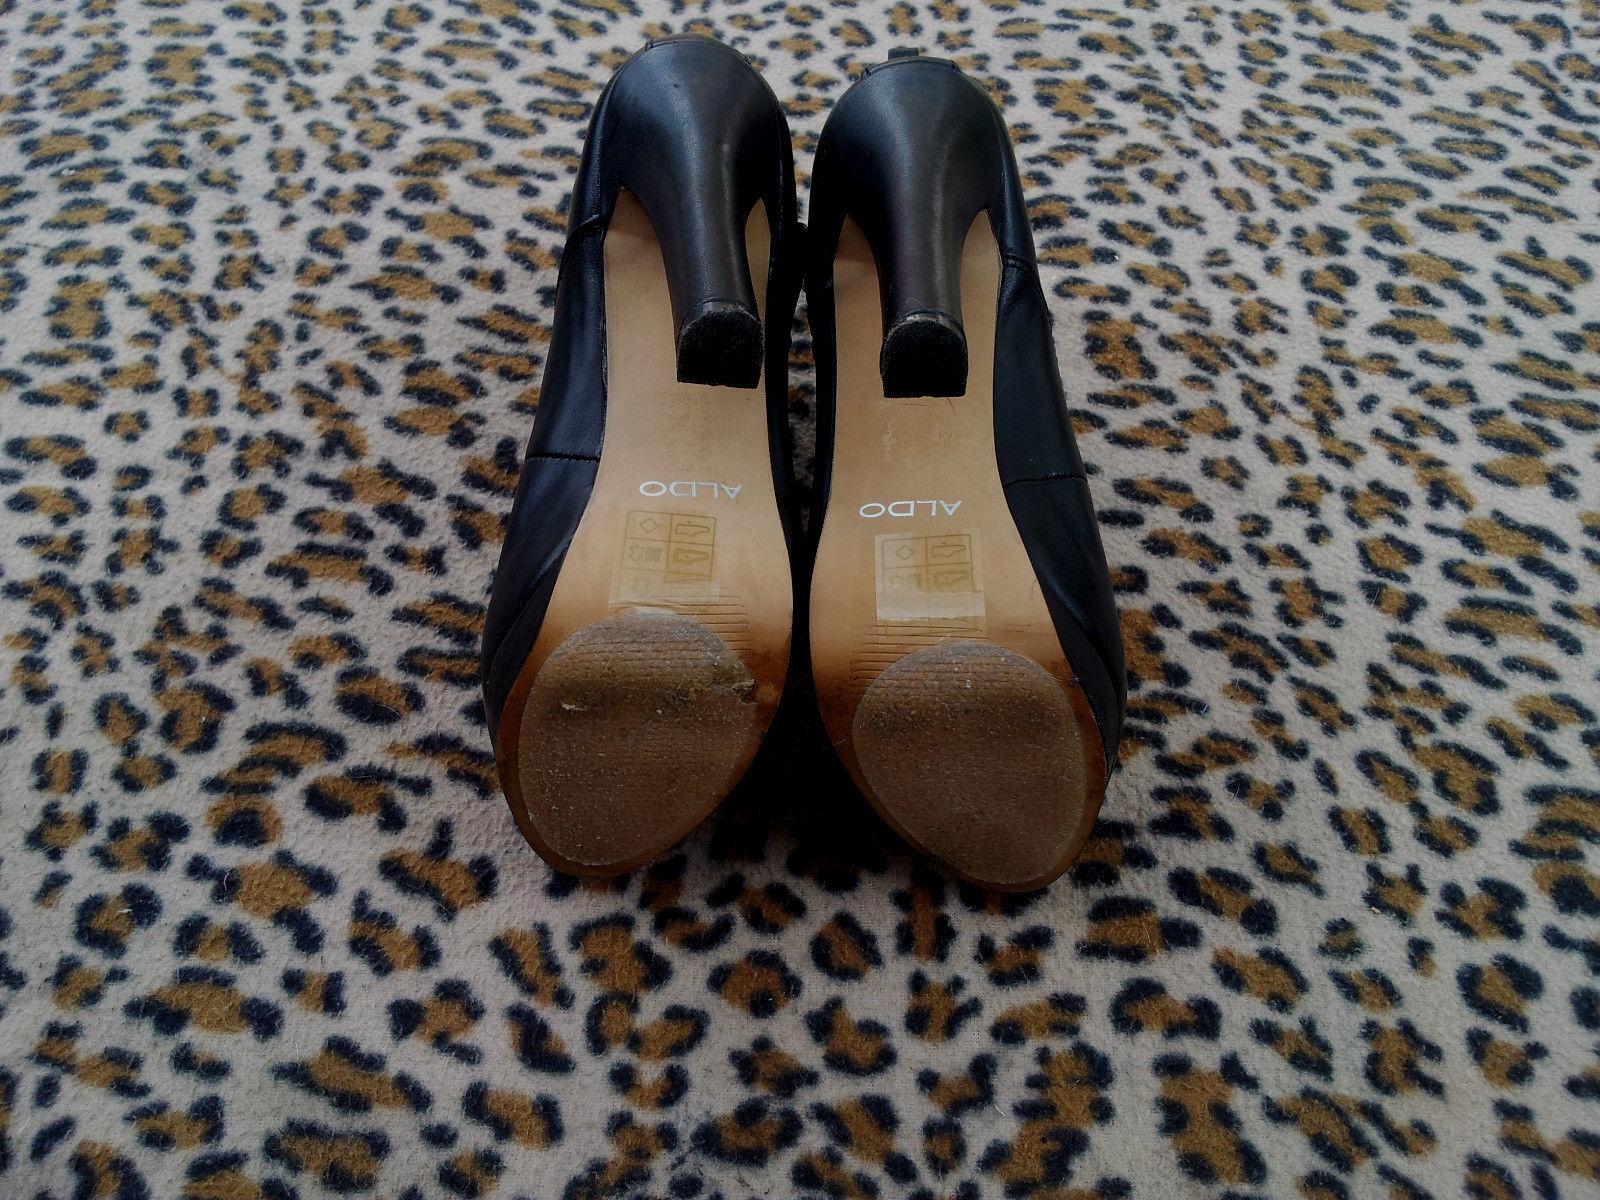 Aldo High heeled heeled heeled schwarz Leder ankle Stiefel  5 inch heel UK Größe 3 EU 36 542673